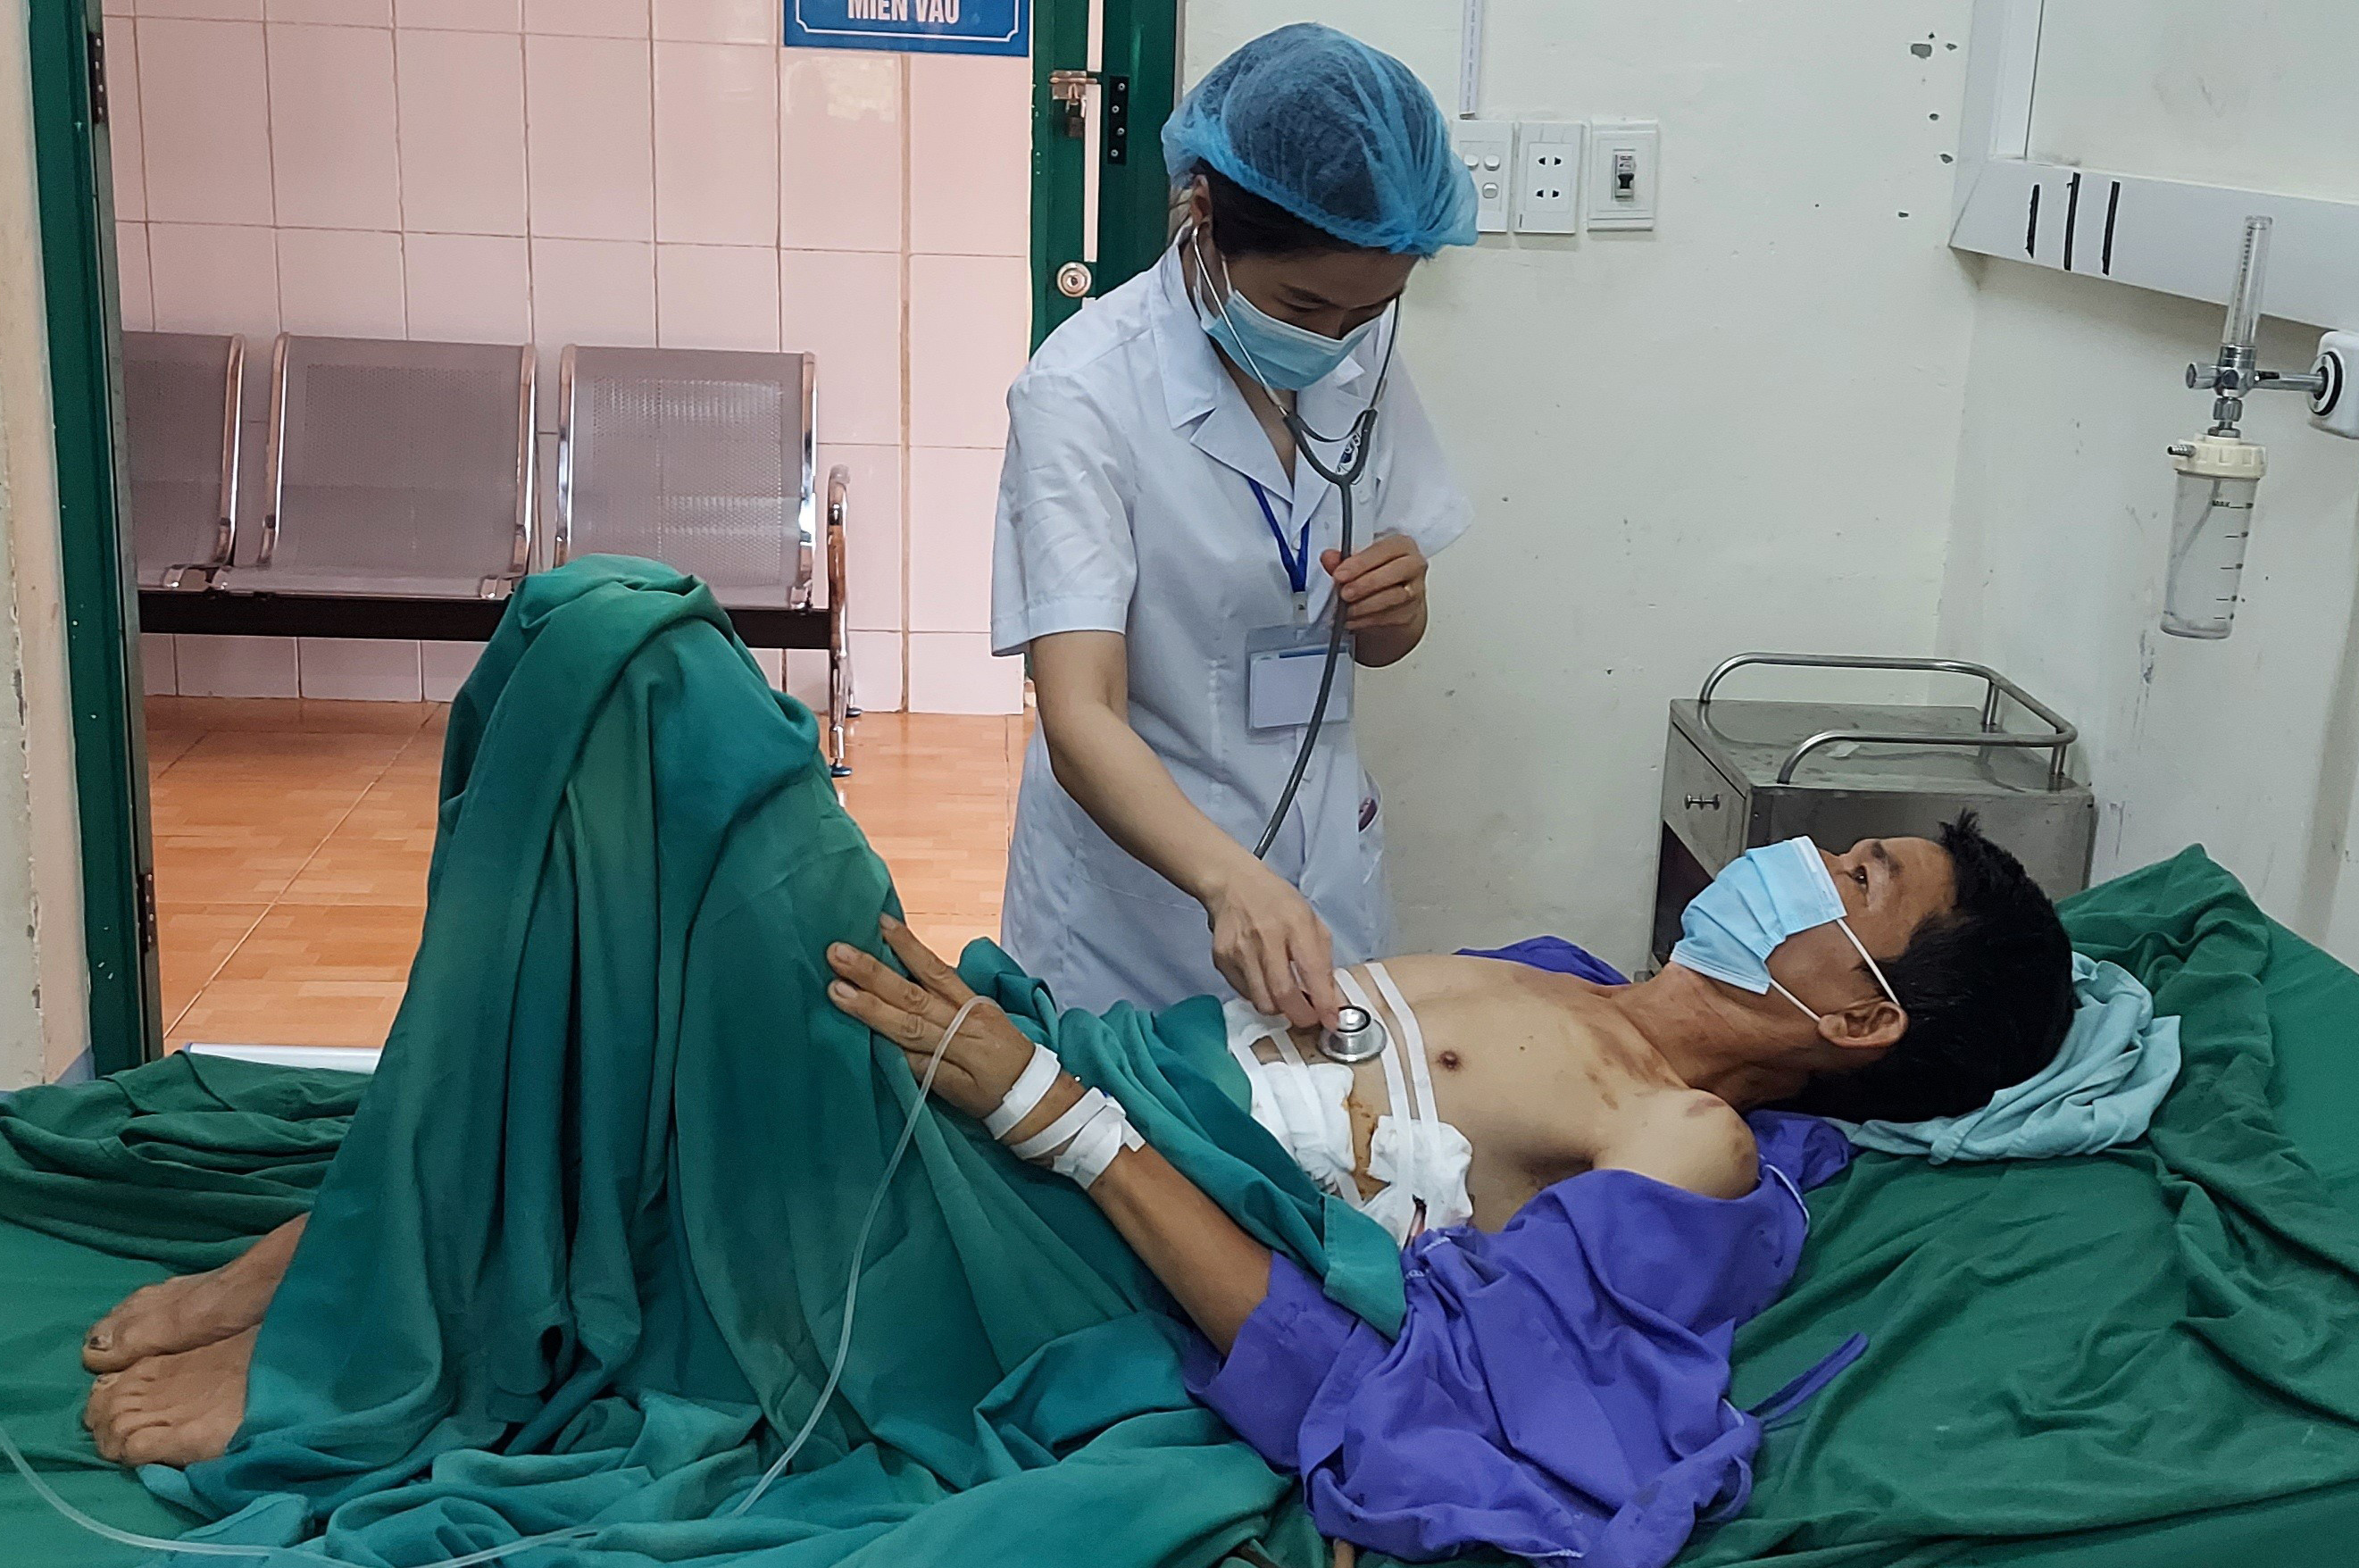 Bệnh viện ĐKKV Yên Minh cấp cứu thành công người bệnh có vết thương thấu bụng, thấu phổi